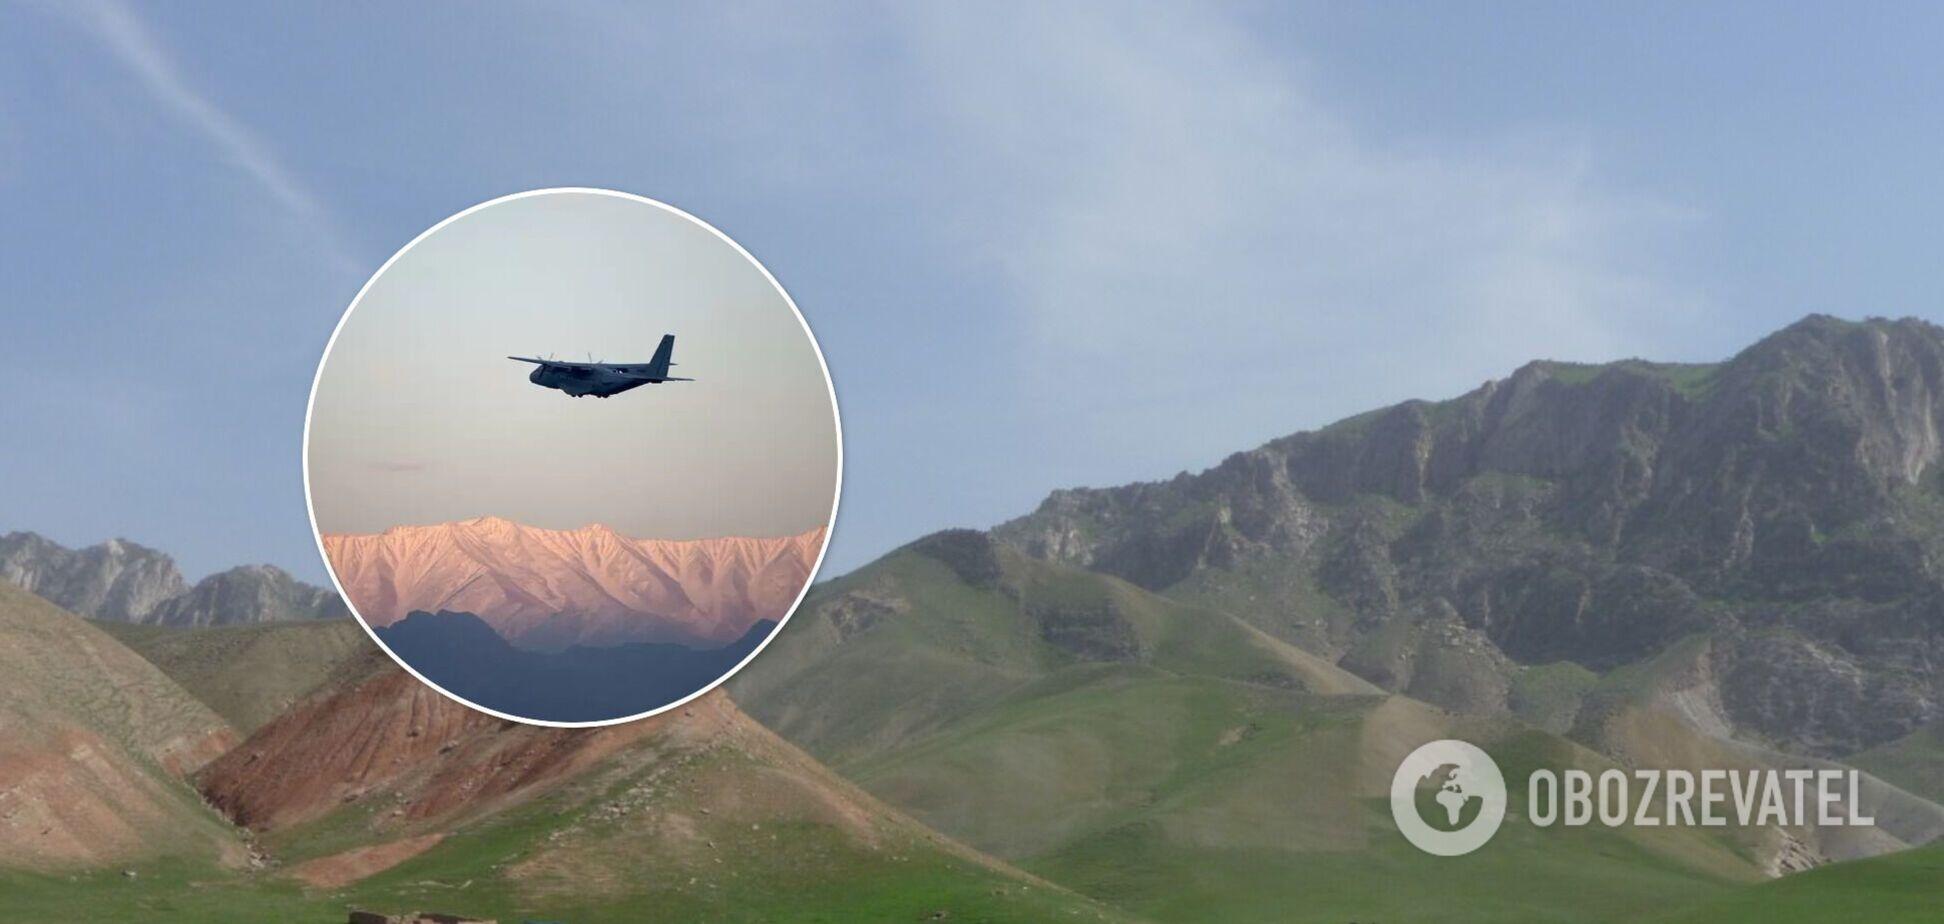 Афганський літак, що розбився в Узбекистані, був збитий системою ППО: подробиці. Фото і відео